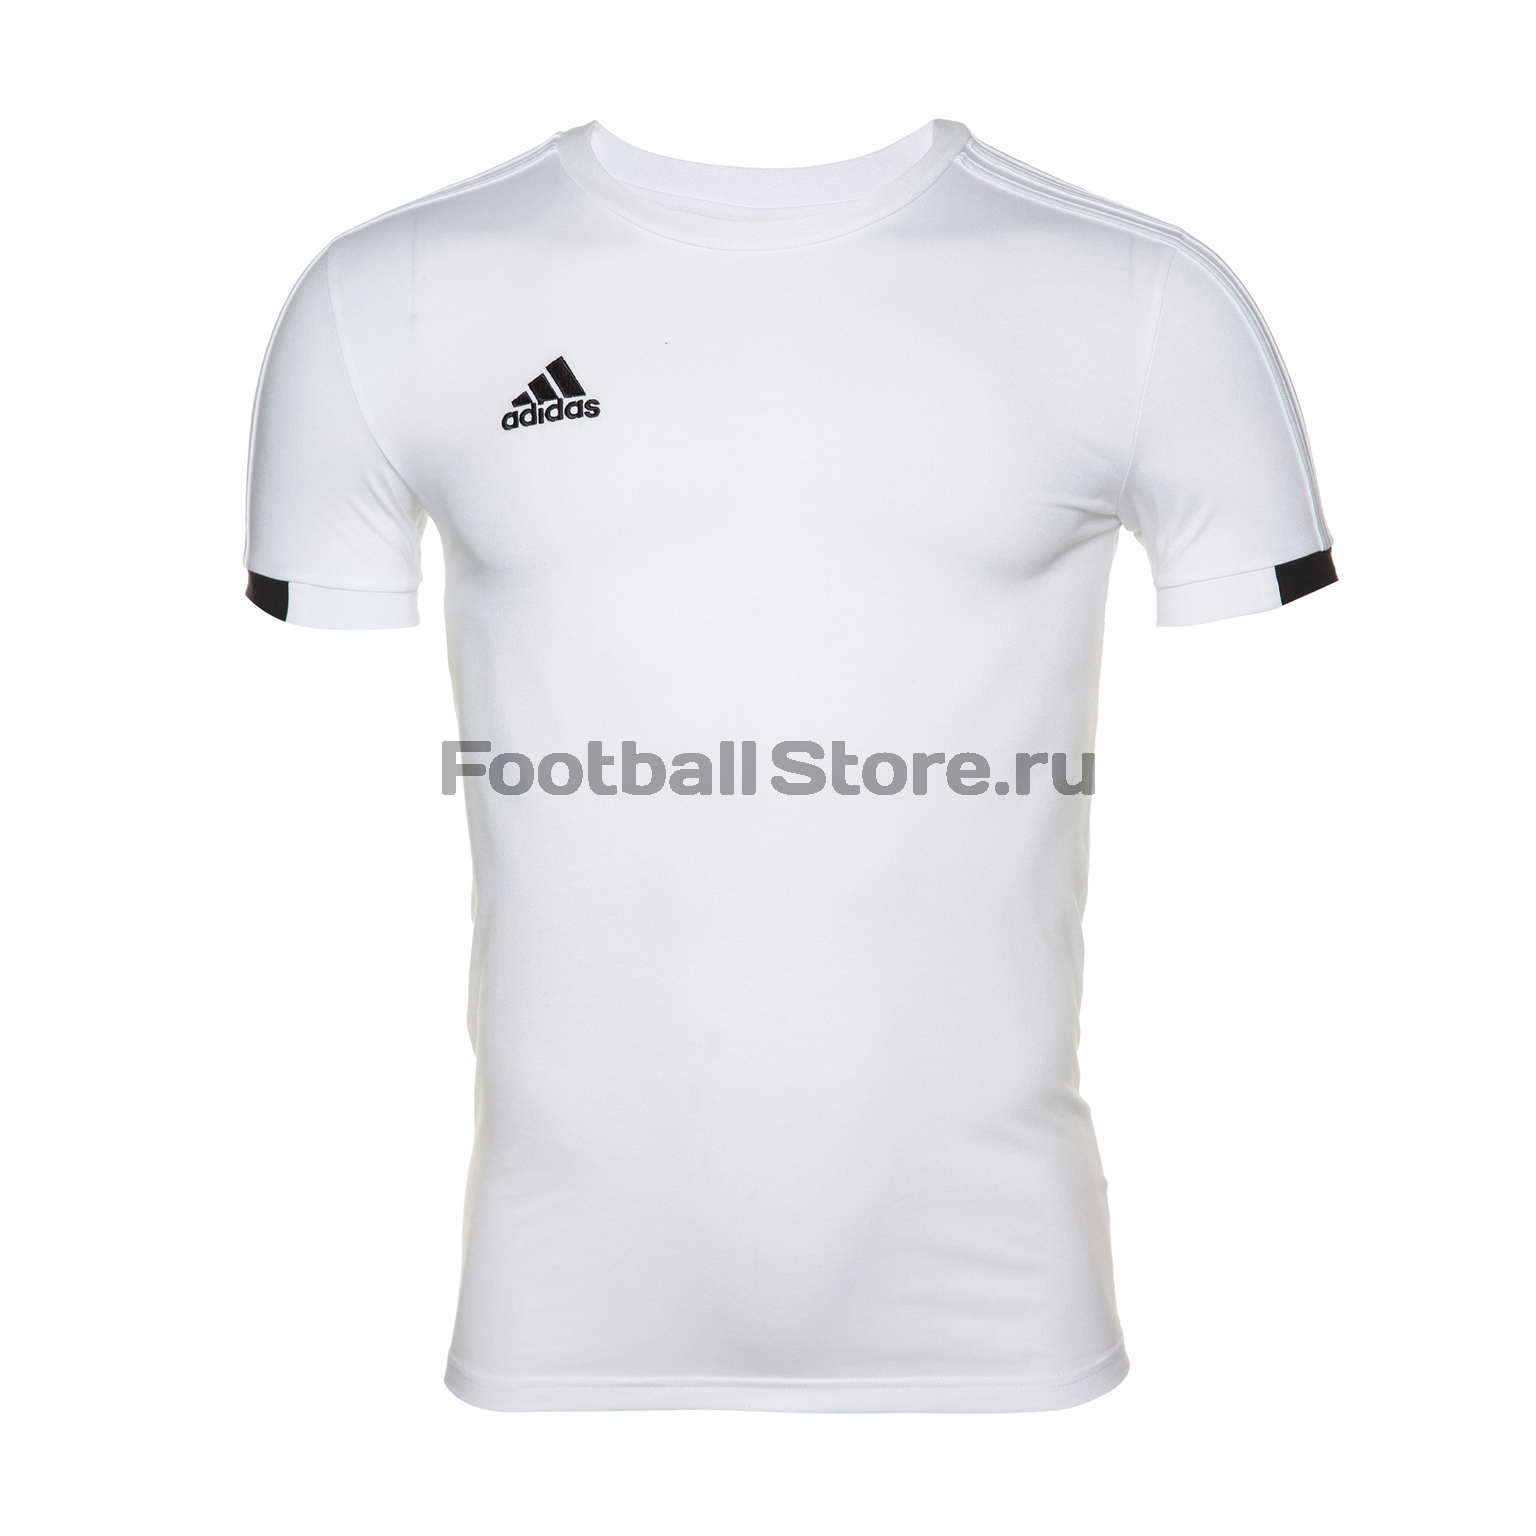 Футболка тренировочная Adidas Con18 Tee CF4367 футболка тренировочная adidas tiro17 tee ay2964